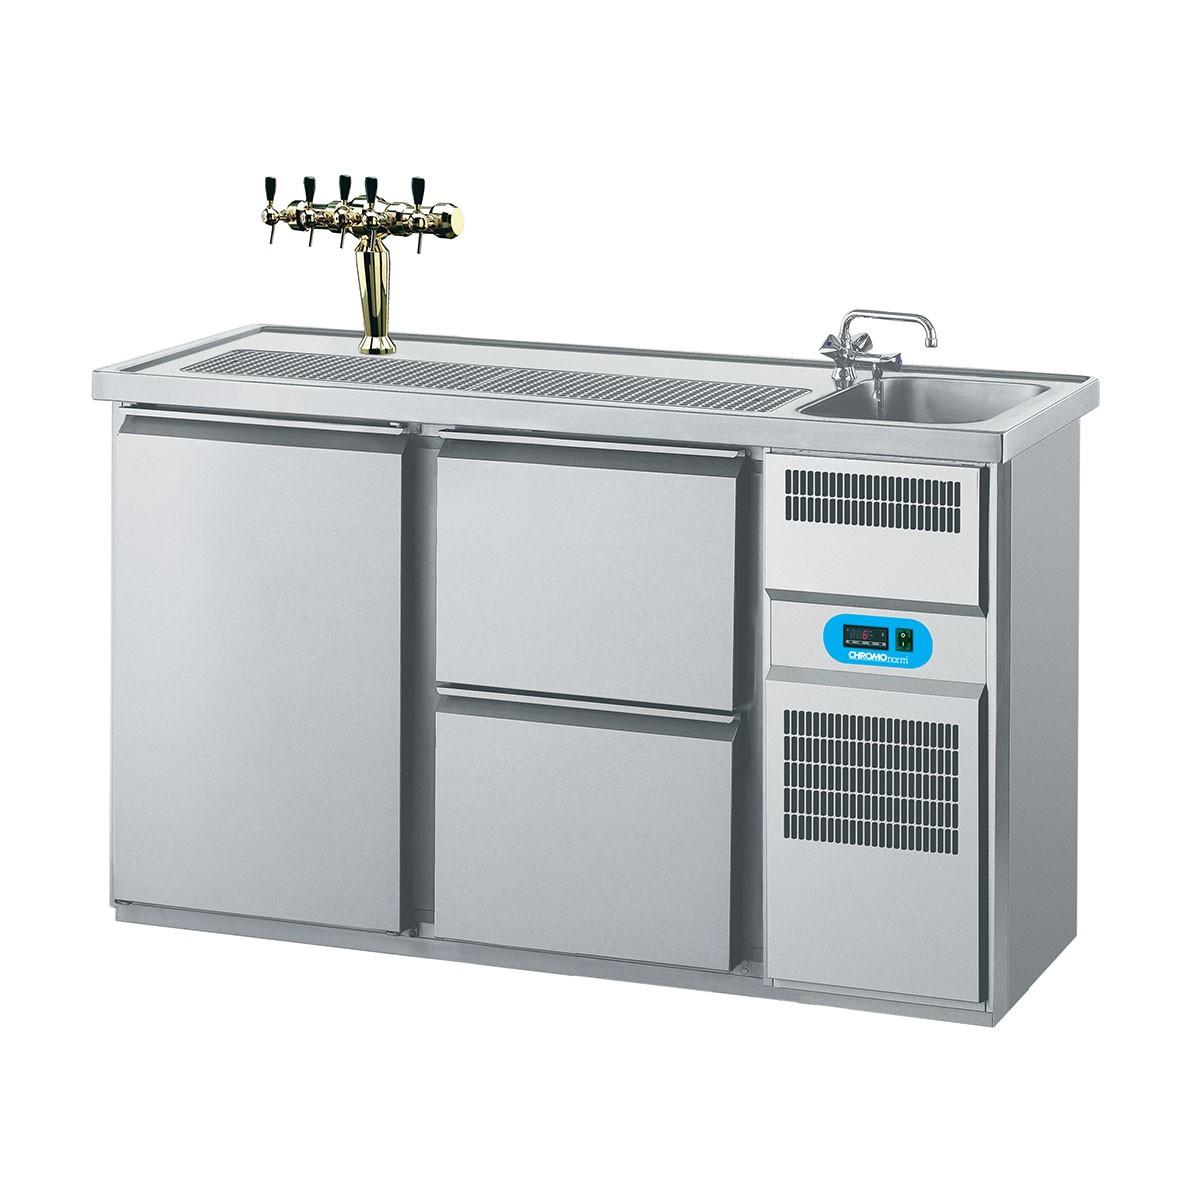 Getränketheke mit 1 Becken rechts, 1 Flügeltür und 2 Schubladen 1550 x 700mm CGTM721R81-1/2 Biertheke Chromonorm